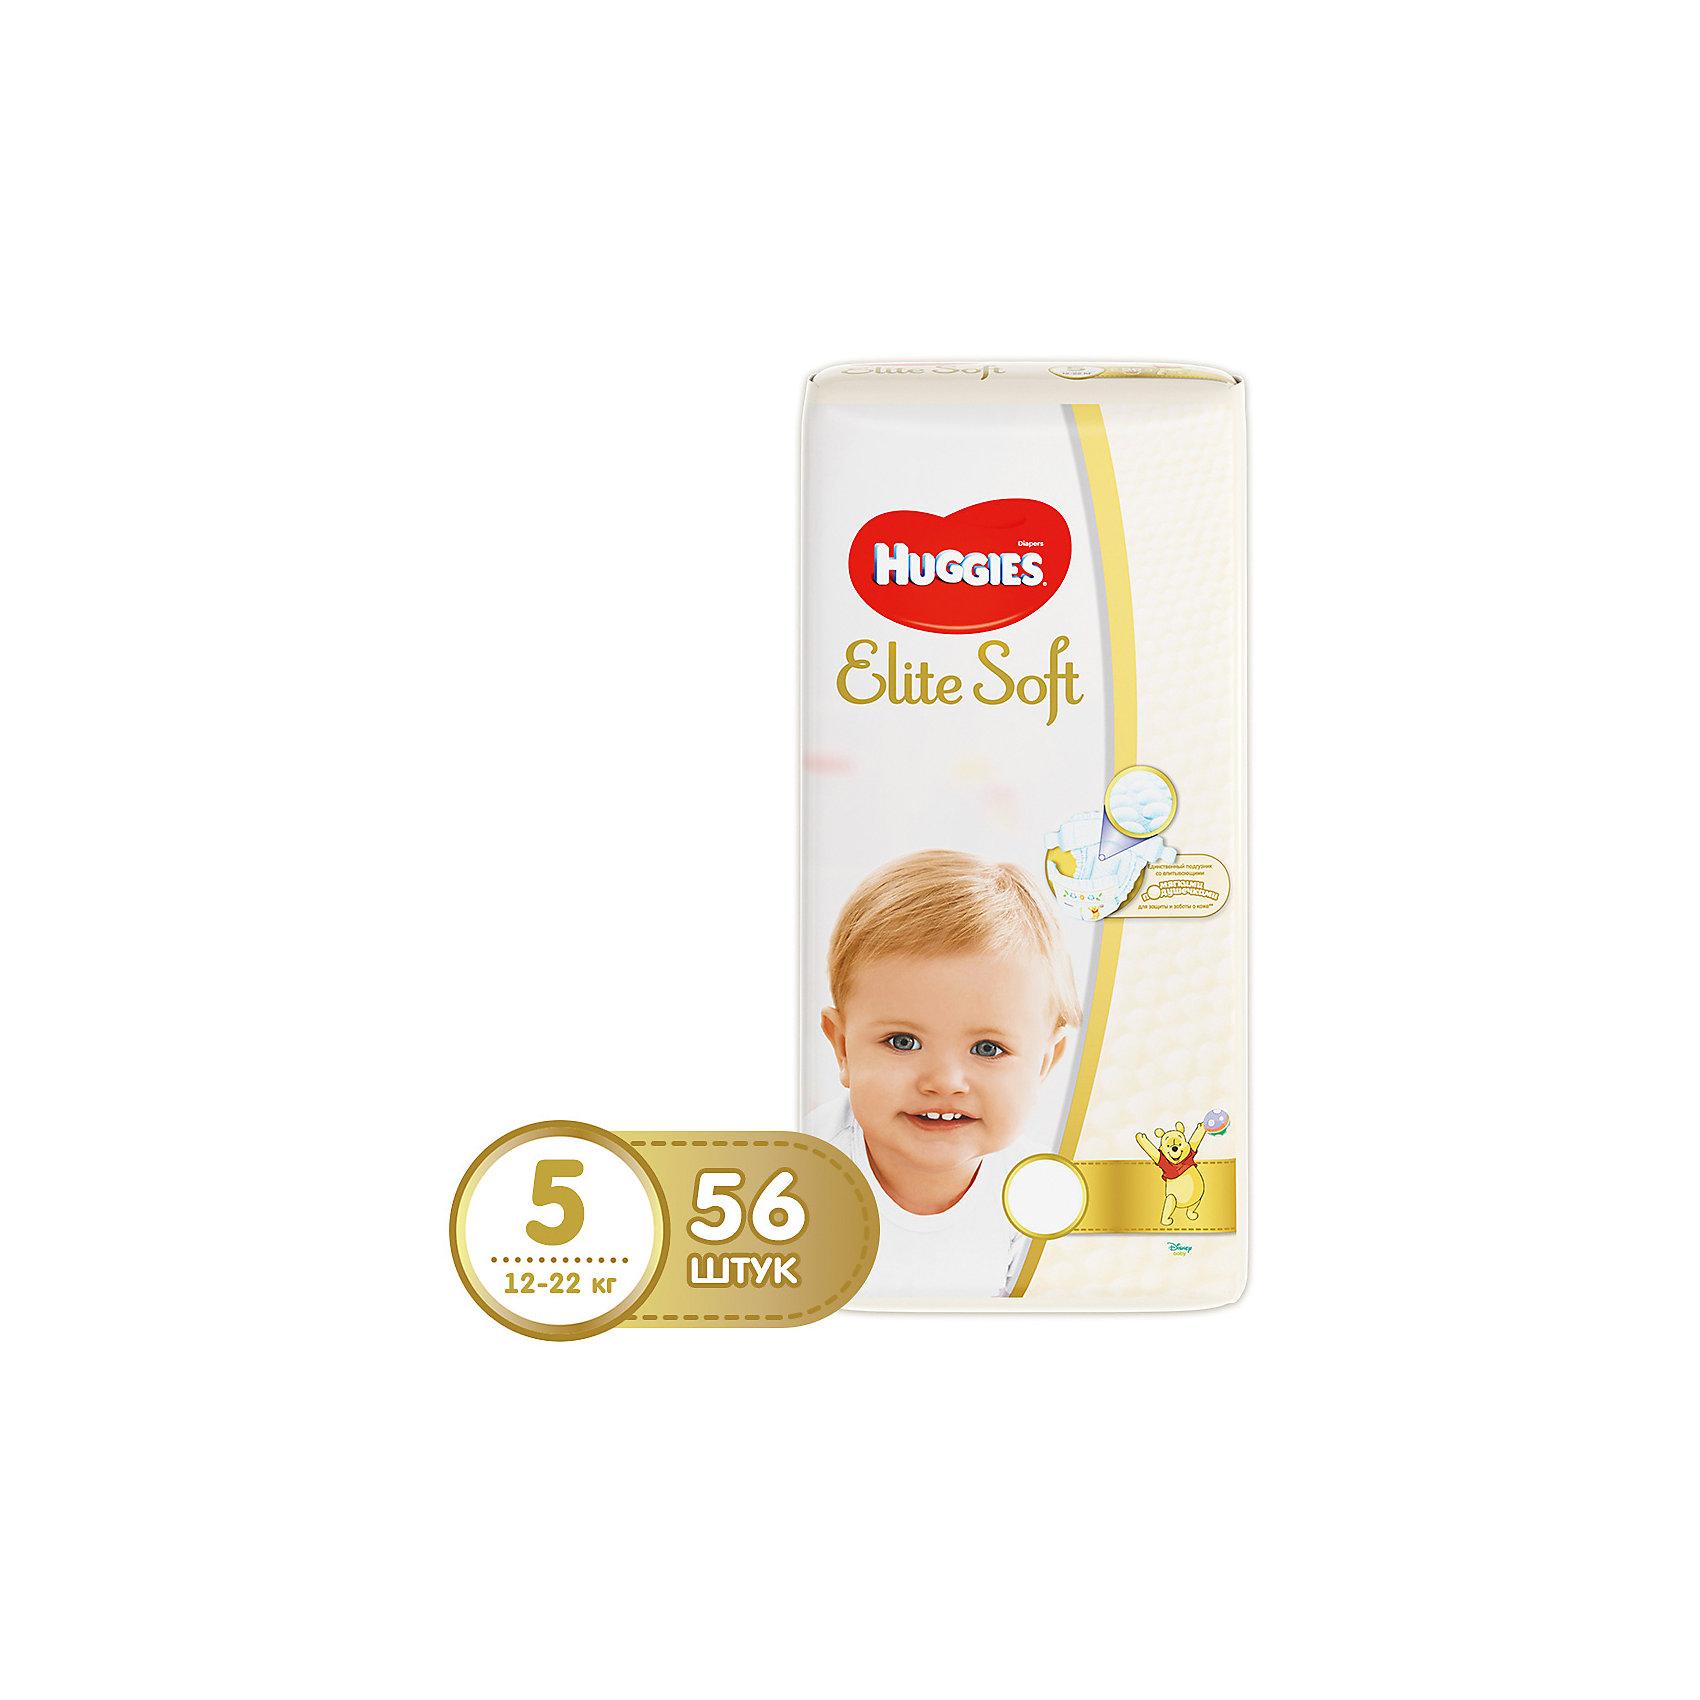 Подгузники Huggies Elite Soft 5, 12-22 кг, 56 шт.Подгузники классические<br>Новаторская разработка Huggies –  это супер-мягкий слой подгузников Текстор с  подушечками, который обеспечивают невероятную мягкость и создают специальную нежную преграду между кожей ребенка и жидким стулом. <br><br>Свойства:<br>- Мягкий суперэластичный пояс для лучшего прилегания.<br>- Застежки легко застегиваются и расстегиваются в любом месте подгузника.<br>- Содержит натуральный 100%-ный хлопок.<br>- Пористые материалы позволяют коже дышать.<br>-  Внутренний кармашек помогает предотвратить протекание.<br>- Новый супер мягкий слой SoftAbsorb впитывает жидкий стул и влагу за секунды, помогая сохранить кожу сухой.<br>- Новые мягкие подушечки создают нежную преграду  между кожей малыша и жидким стулом.<br>- Индикатор влаги меняет цвет, когда подгузник намокает.<br><br>Дополнительная информация:<br><br>- Возраст: с 12 месяцев.<br>- Вес ребенка: от 12 до 22 кг.<br>- Кол-во в упаковке: 56 шт.<br>- Вес в упаковке: 2477 г.<br><br>Купить подгузники  Elite Soft 5 от Huggies можно в нашем магазине.<br><br>Ширина мм: 471<br>Глубина мм: 200<br>Высота мм: 110<br>Вес г: 2477<br>Возраст от месяцев: 12<br>Возраст до месяцев: 36<br>Пол: Унисекс<br>Возраст: Детский<br>SKU: 4861843